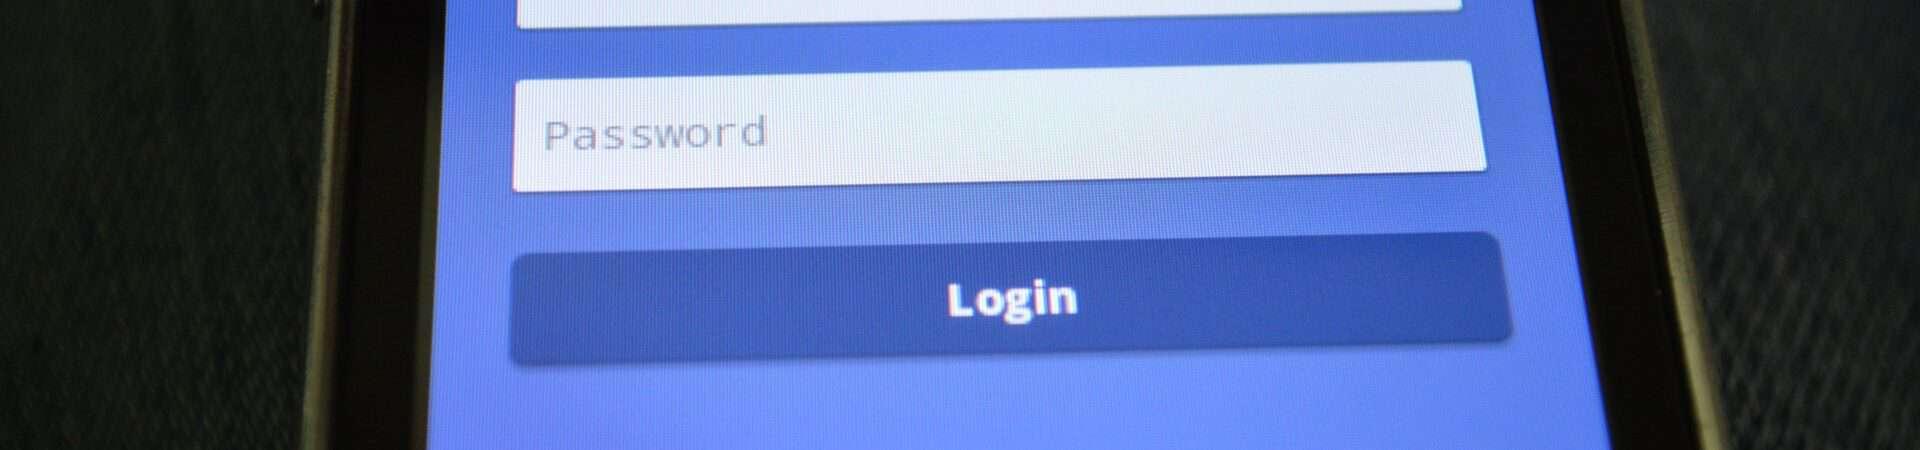 Tela de login do Facebook em um smartphone